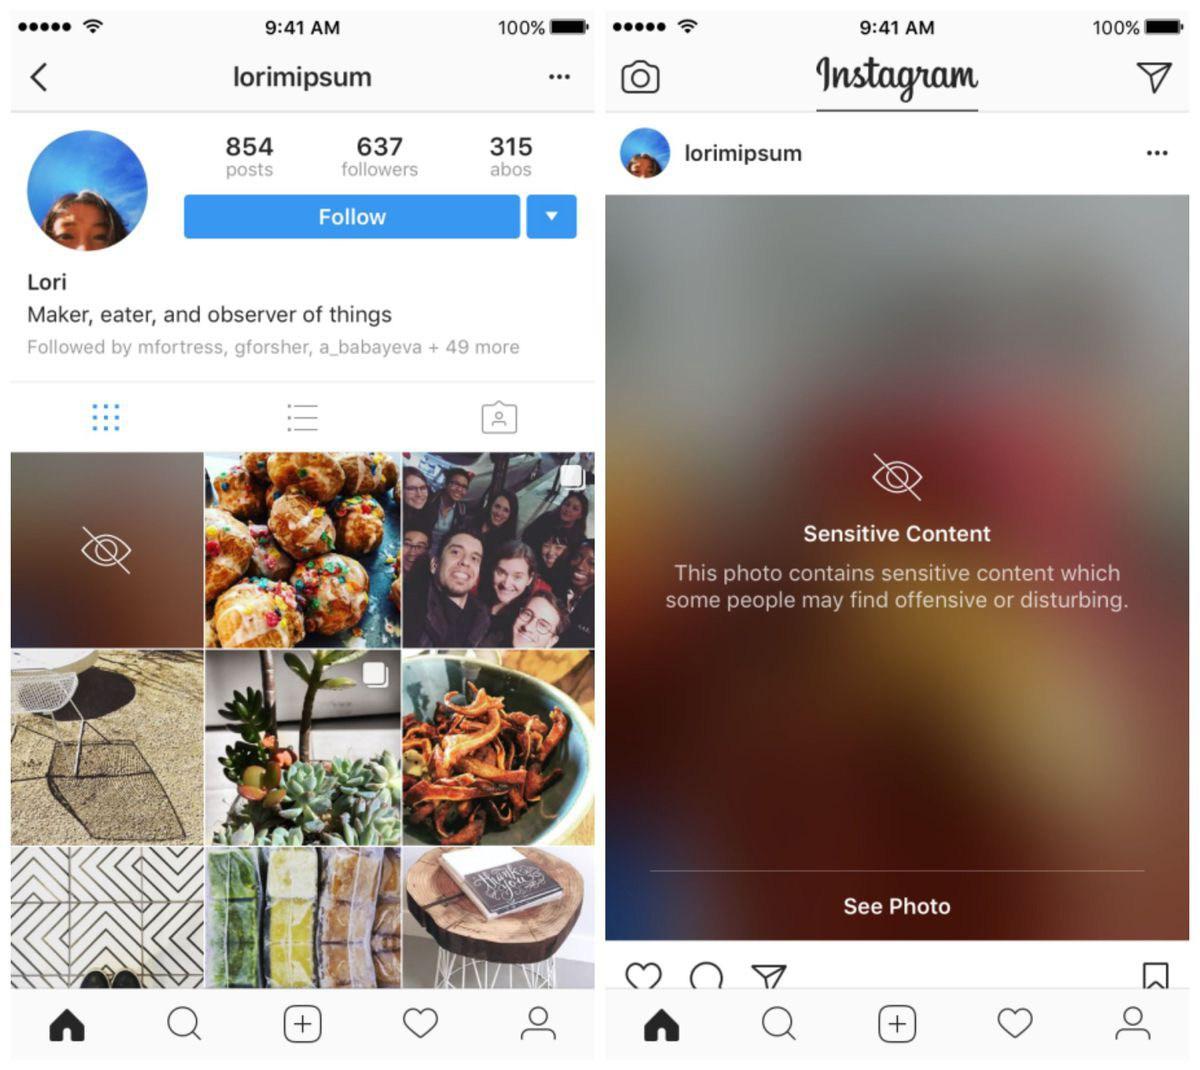 instagram-sensitve-content-warning-2